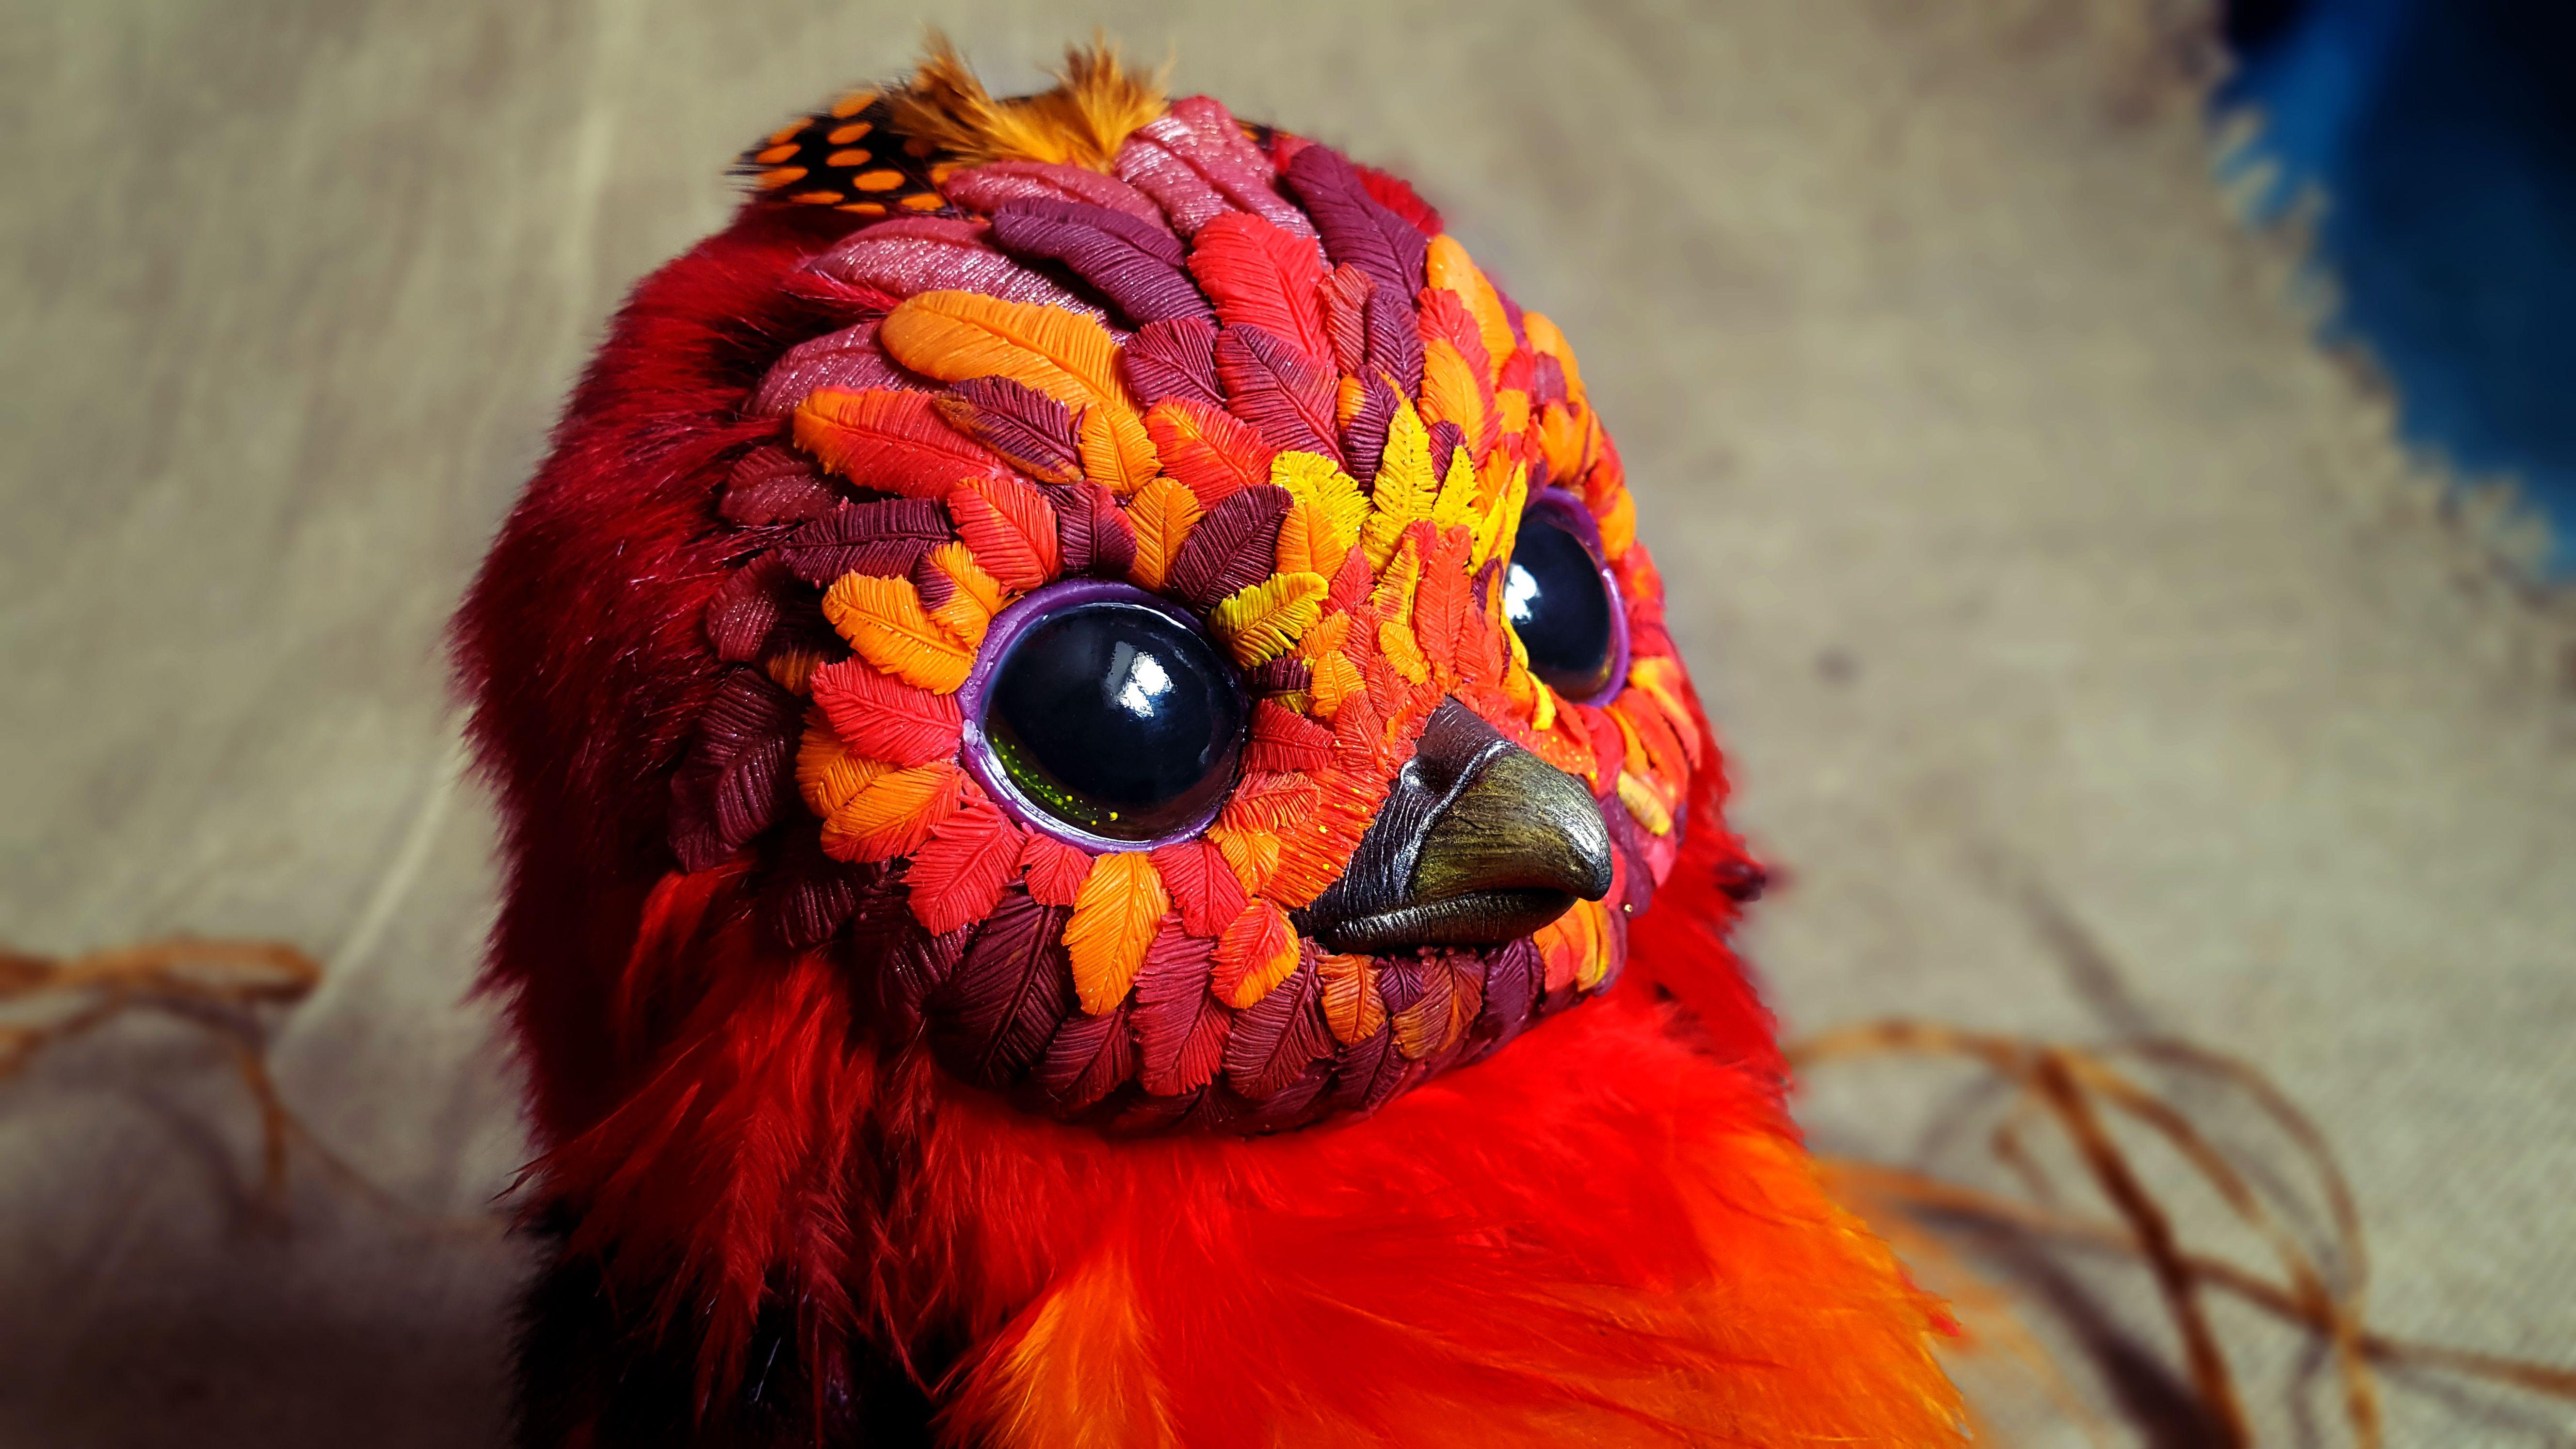 Phoenix harry potter phoenix stuffed phoenix phoenix plush phoenix harry potter phoenix stuffed phoenix phoenix plush phoenix bird firebird voltagebd Gallery